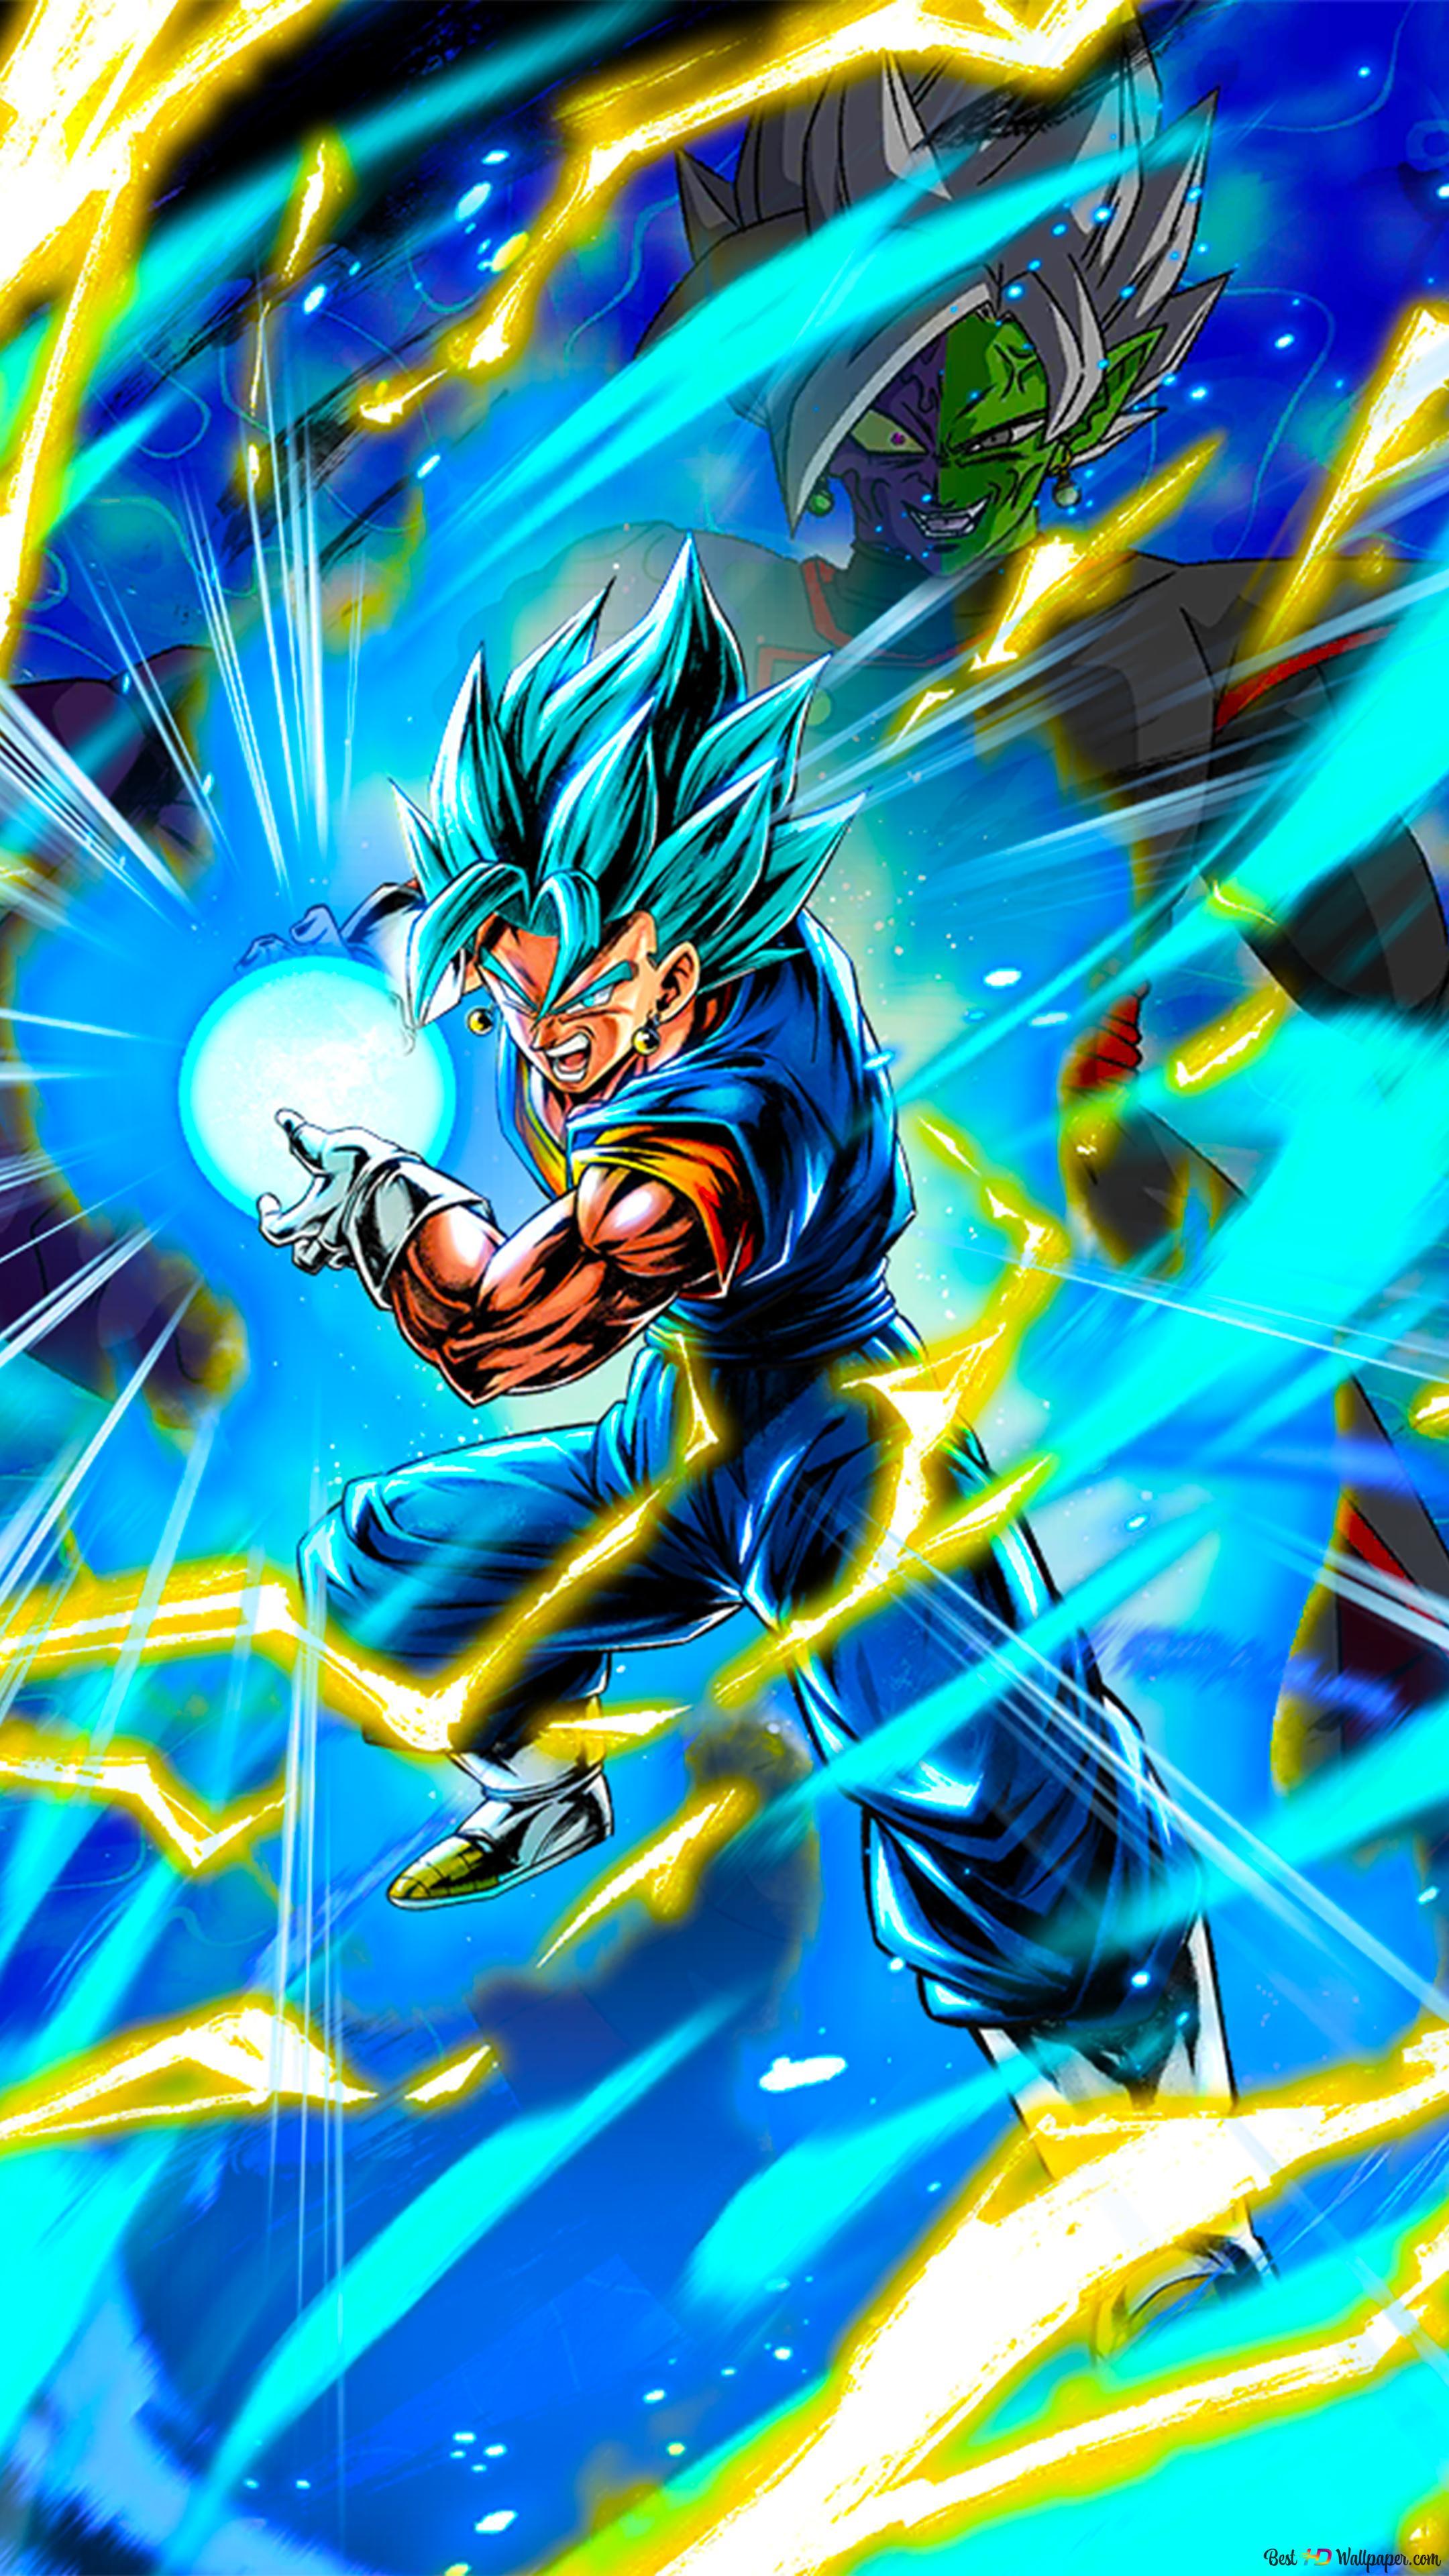 Seni Vegito Biru Super Vegito Biru Dragon Ball Super Dari Dragon Ball Legends Android Iphone Unduhan Wallpaper Hd